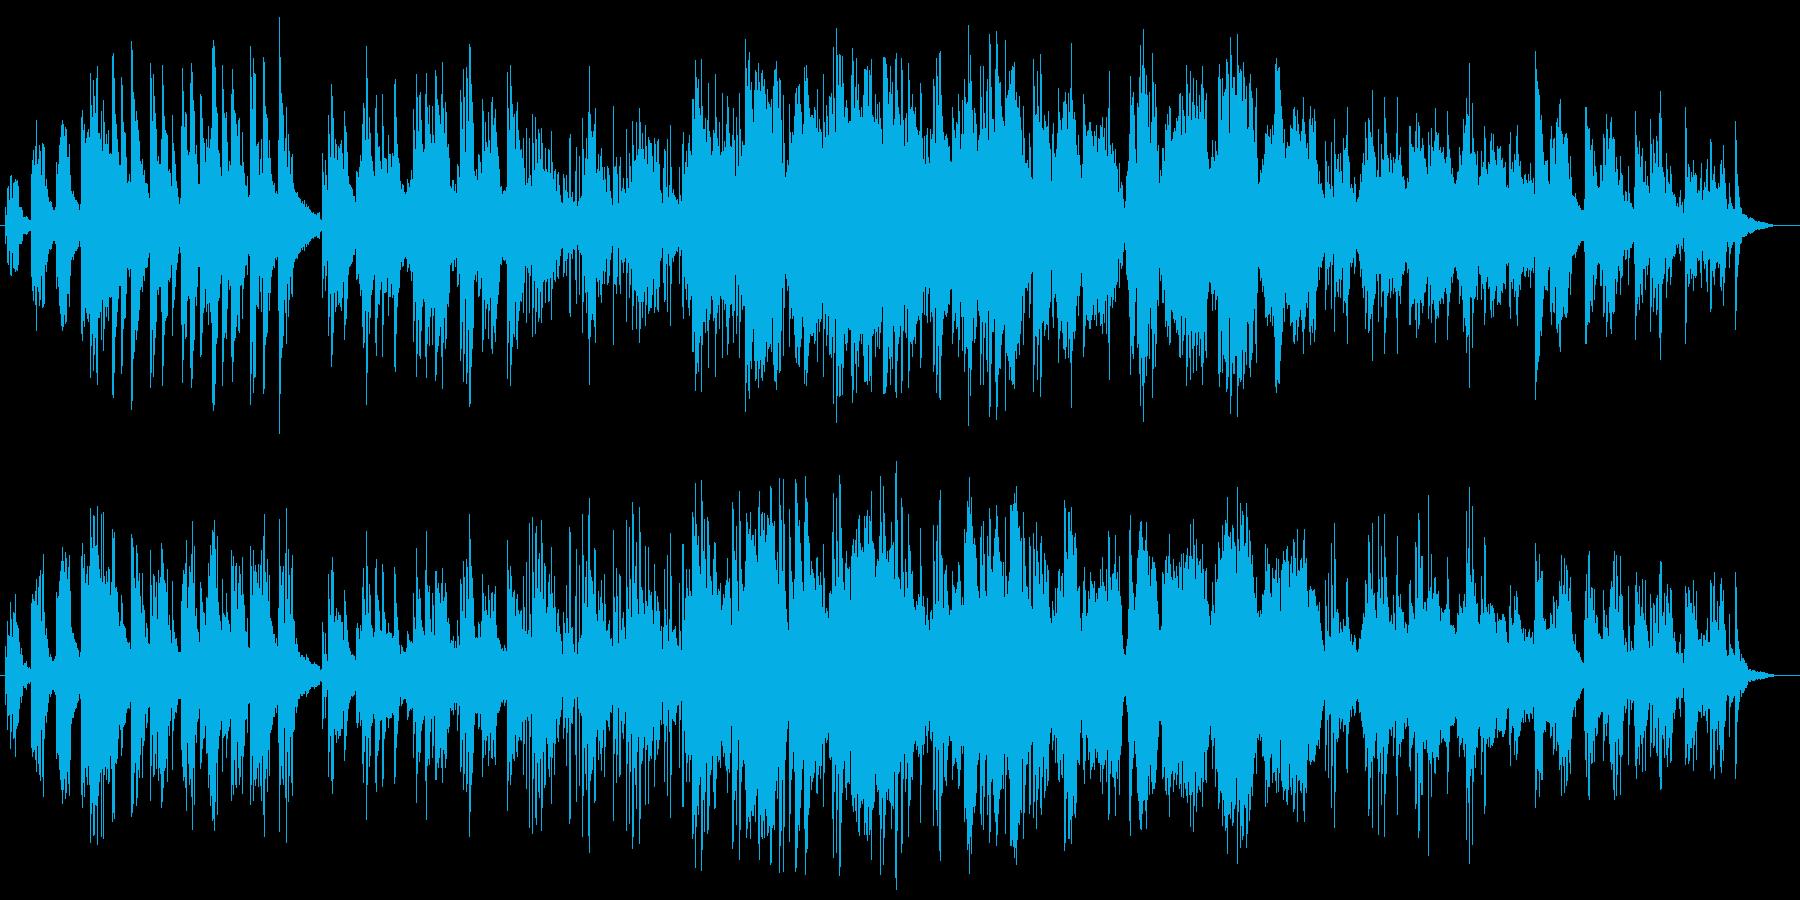 幻想的なピアノが感動を呼ぶバラードの再生済みの波形